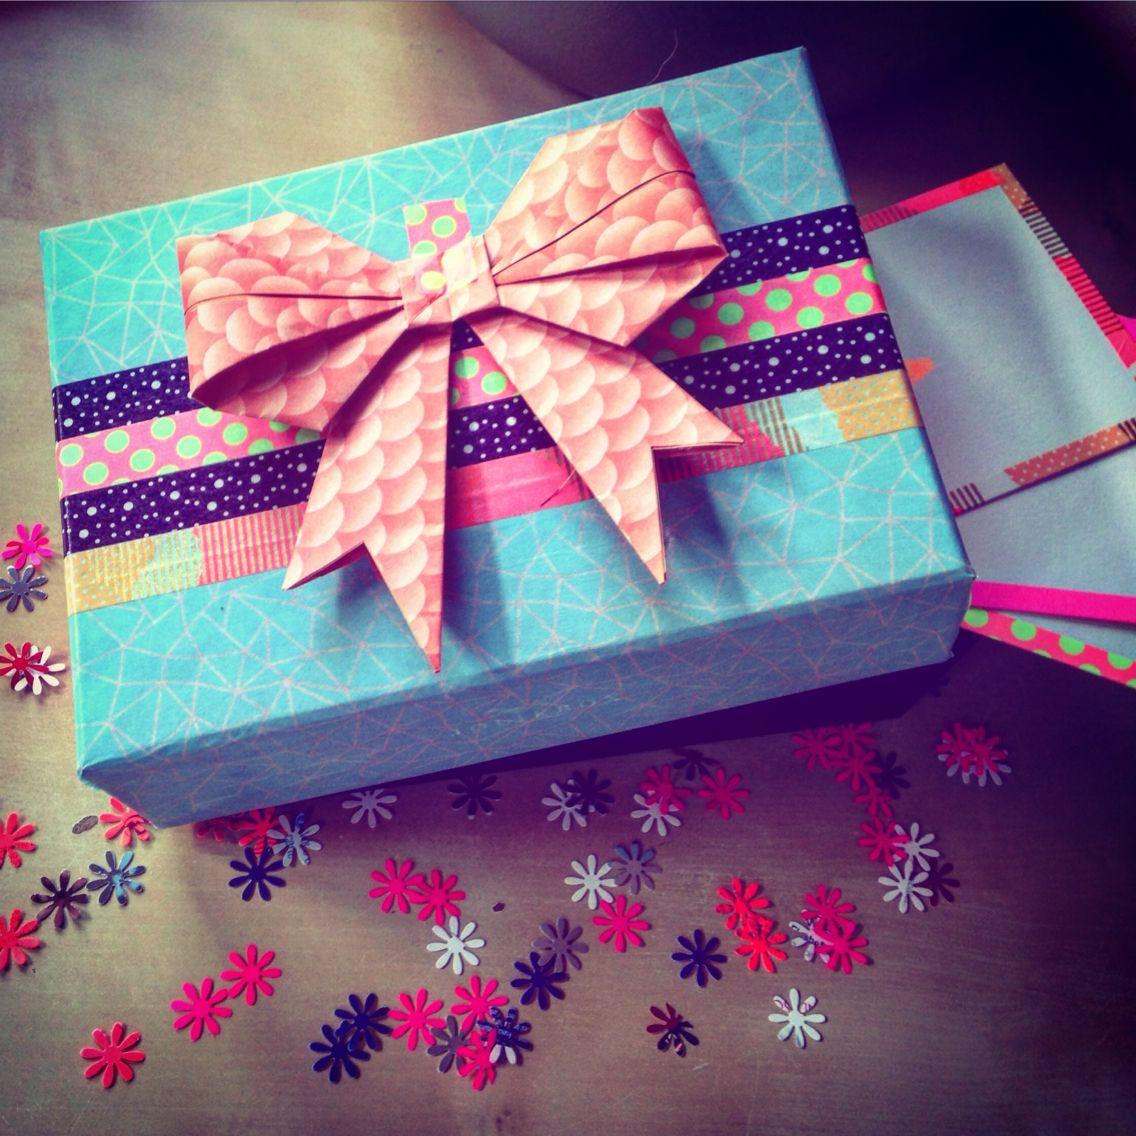 DIY - Emballage cadeau Recyclage de Birchbox Homemade gift with Birchbox #diy #homemade #recyclage #birchbox #recycle #cadeau #gift #maskingtape #origami